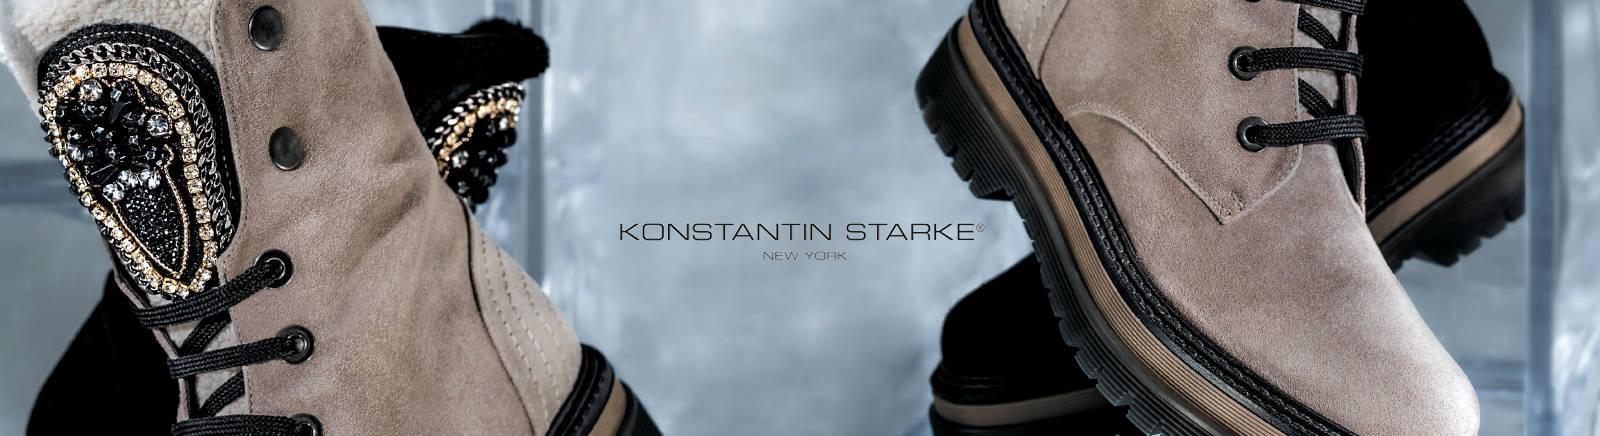 Prange: Konstantin Starke Business Schuhe für Herren online shoppen